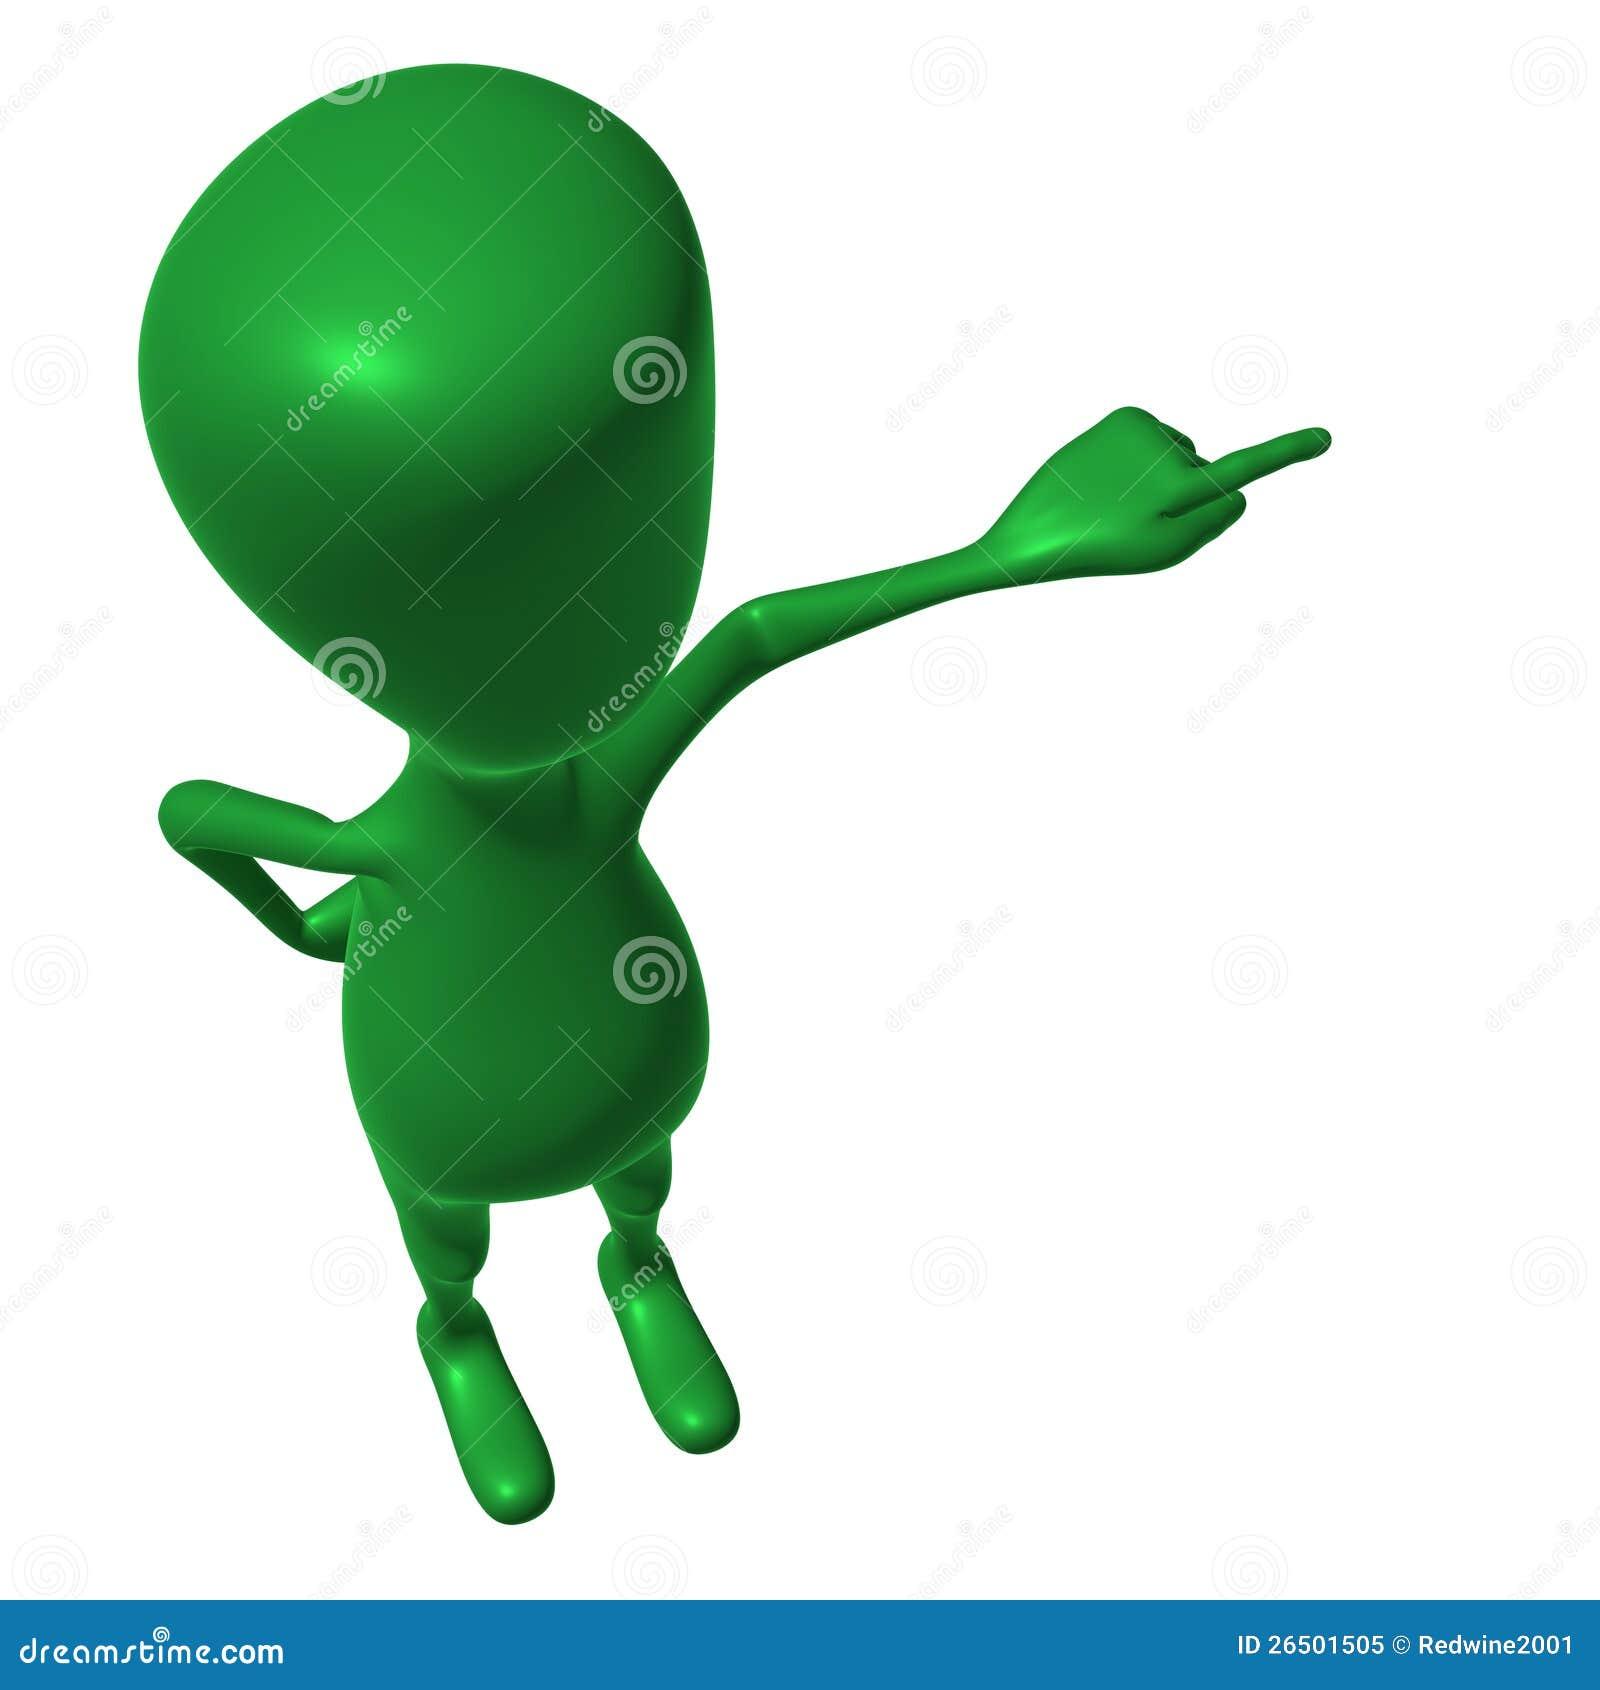 在视图仿造绿色3d的木偶之上指向手指.图片